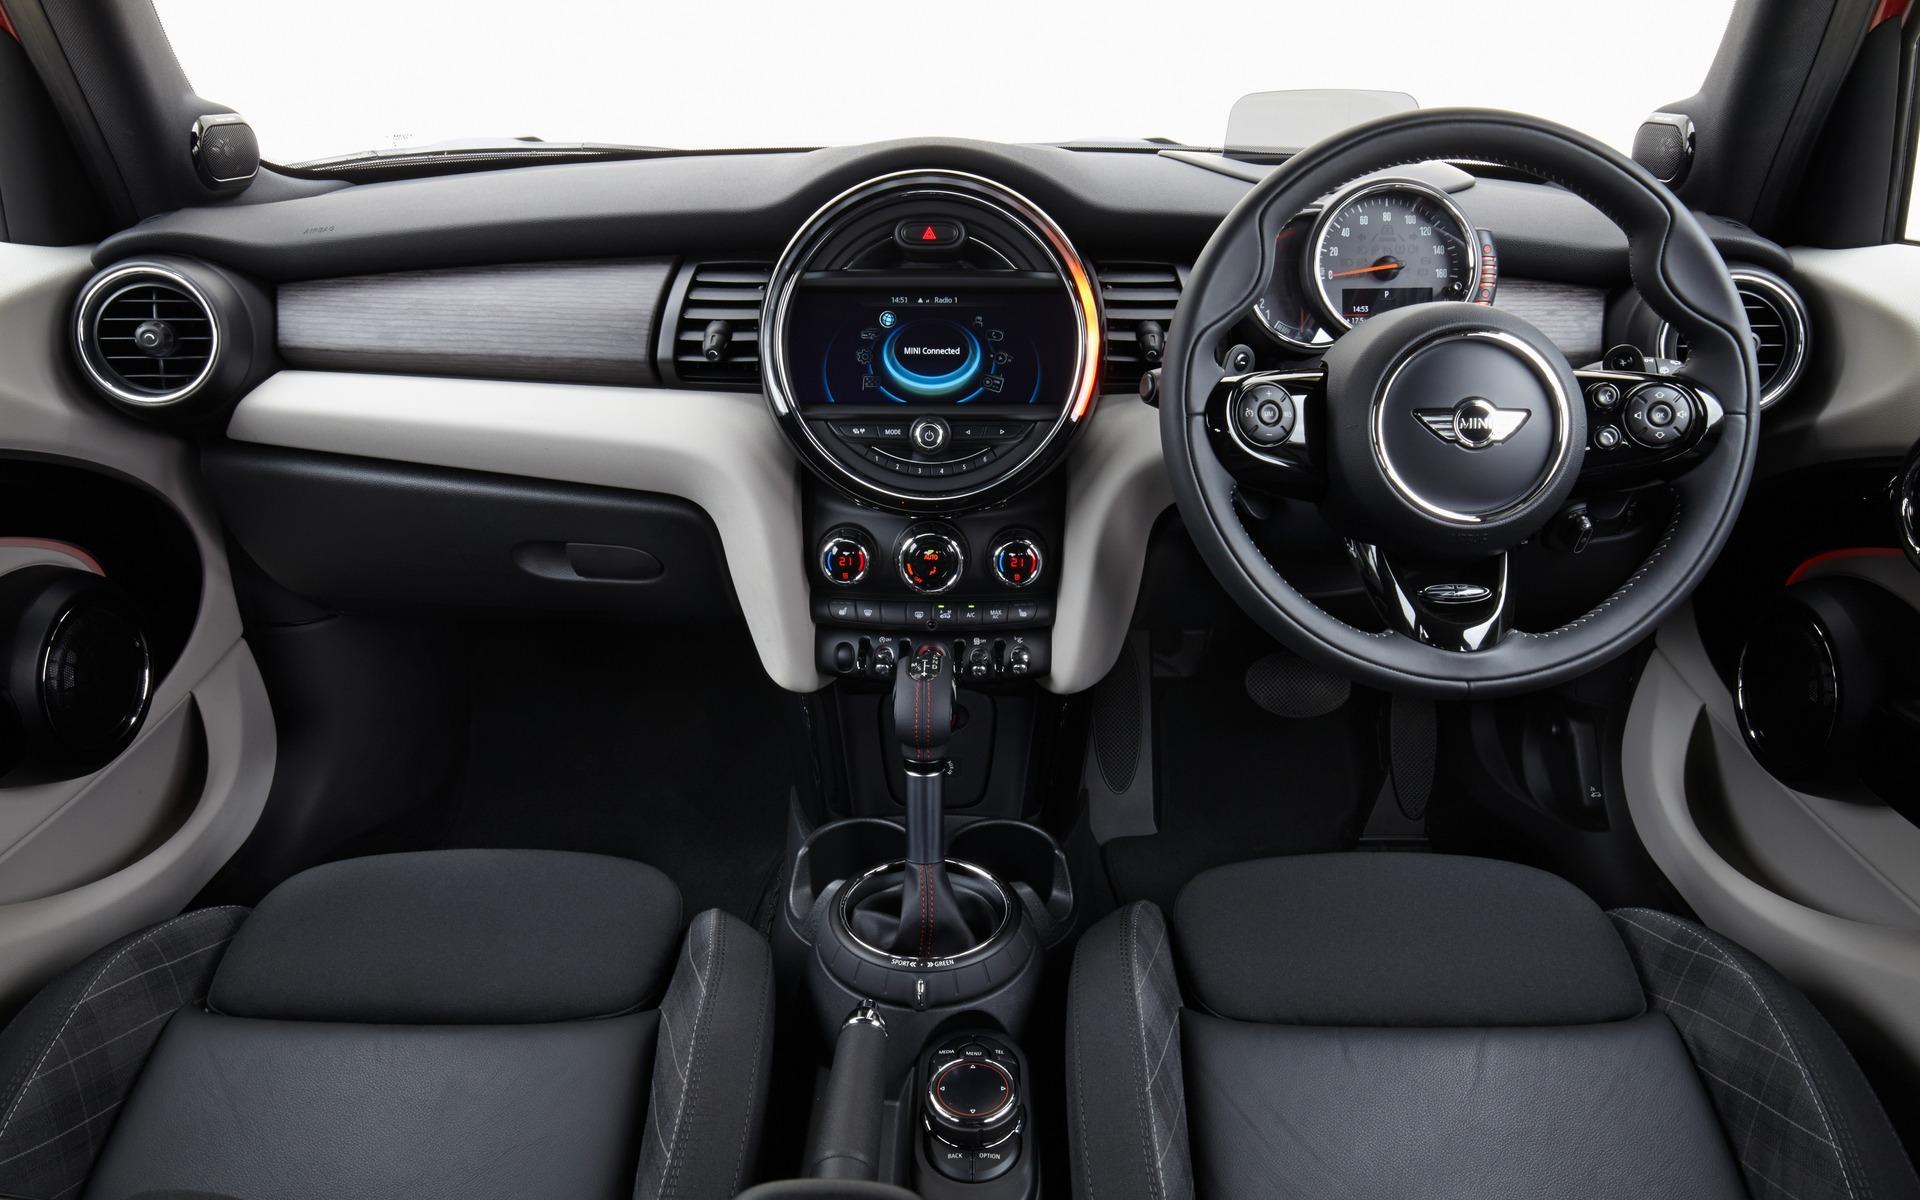 Reguli mai stricte pentru mașinile cu volan pe dreapta